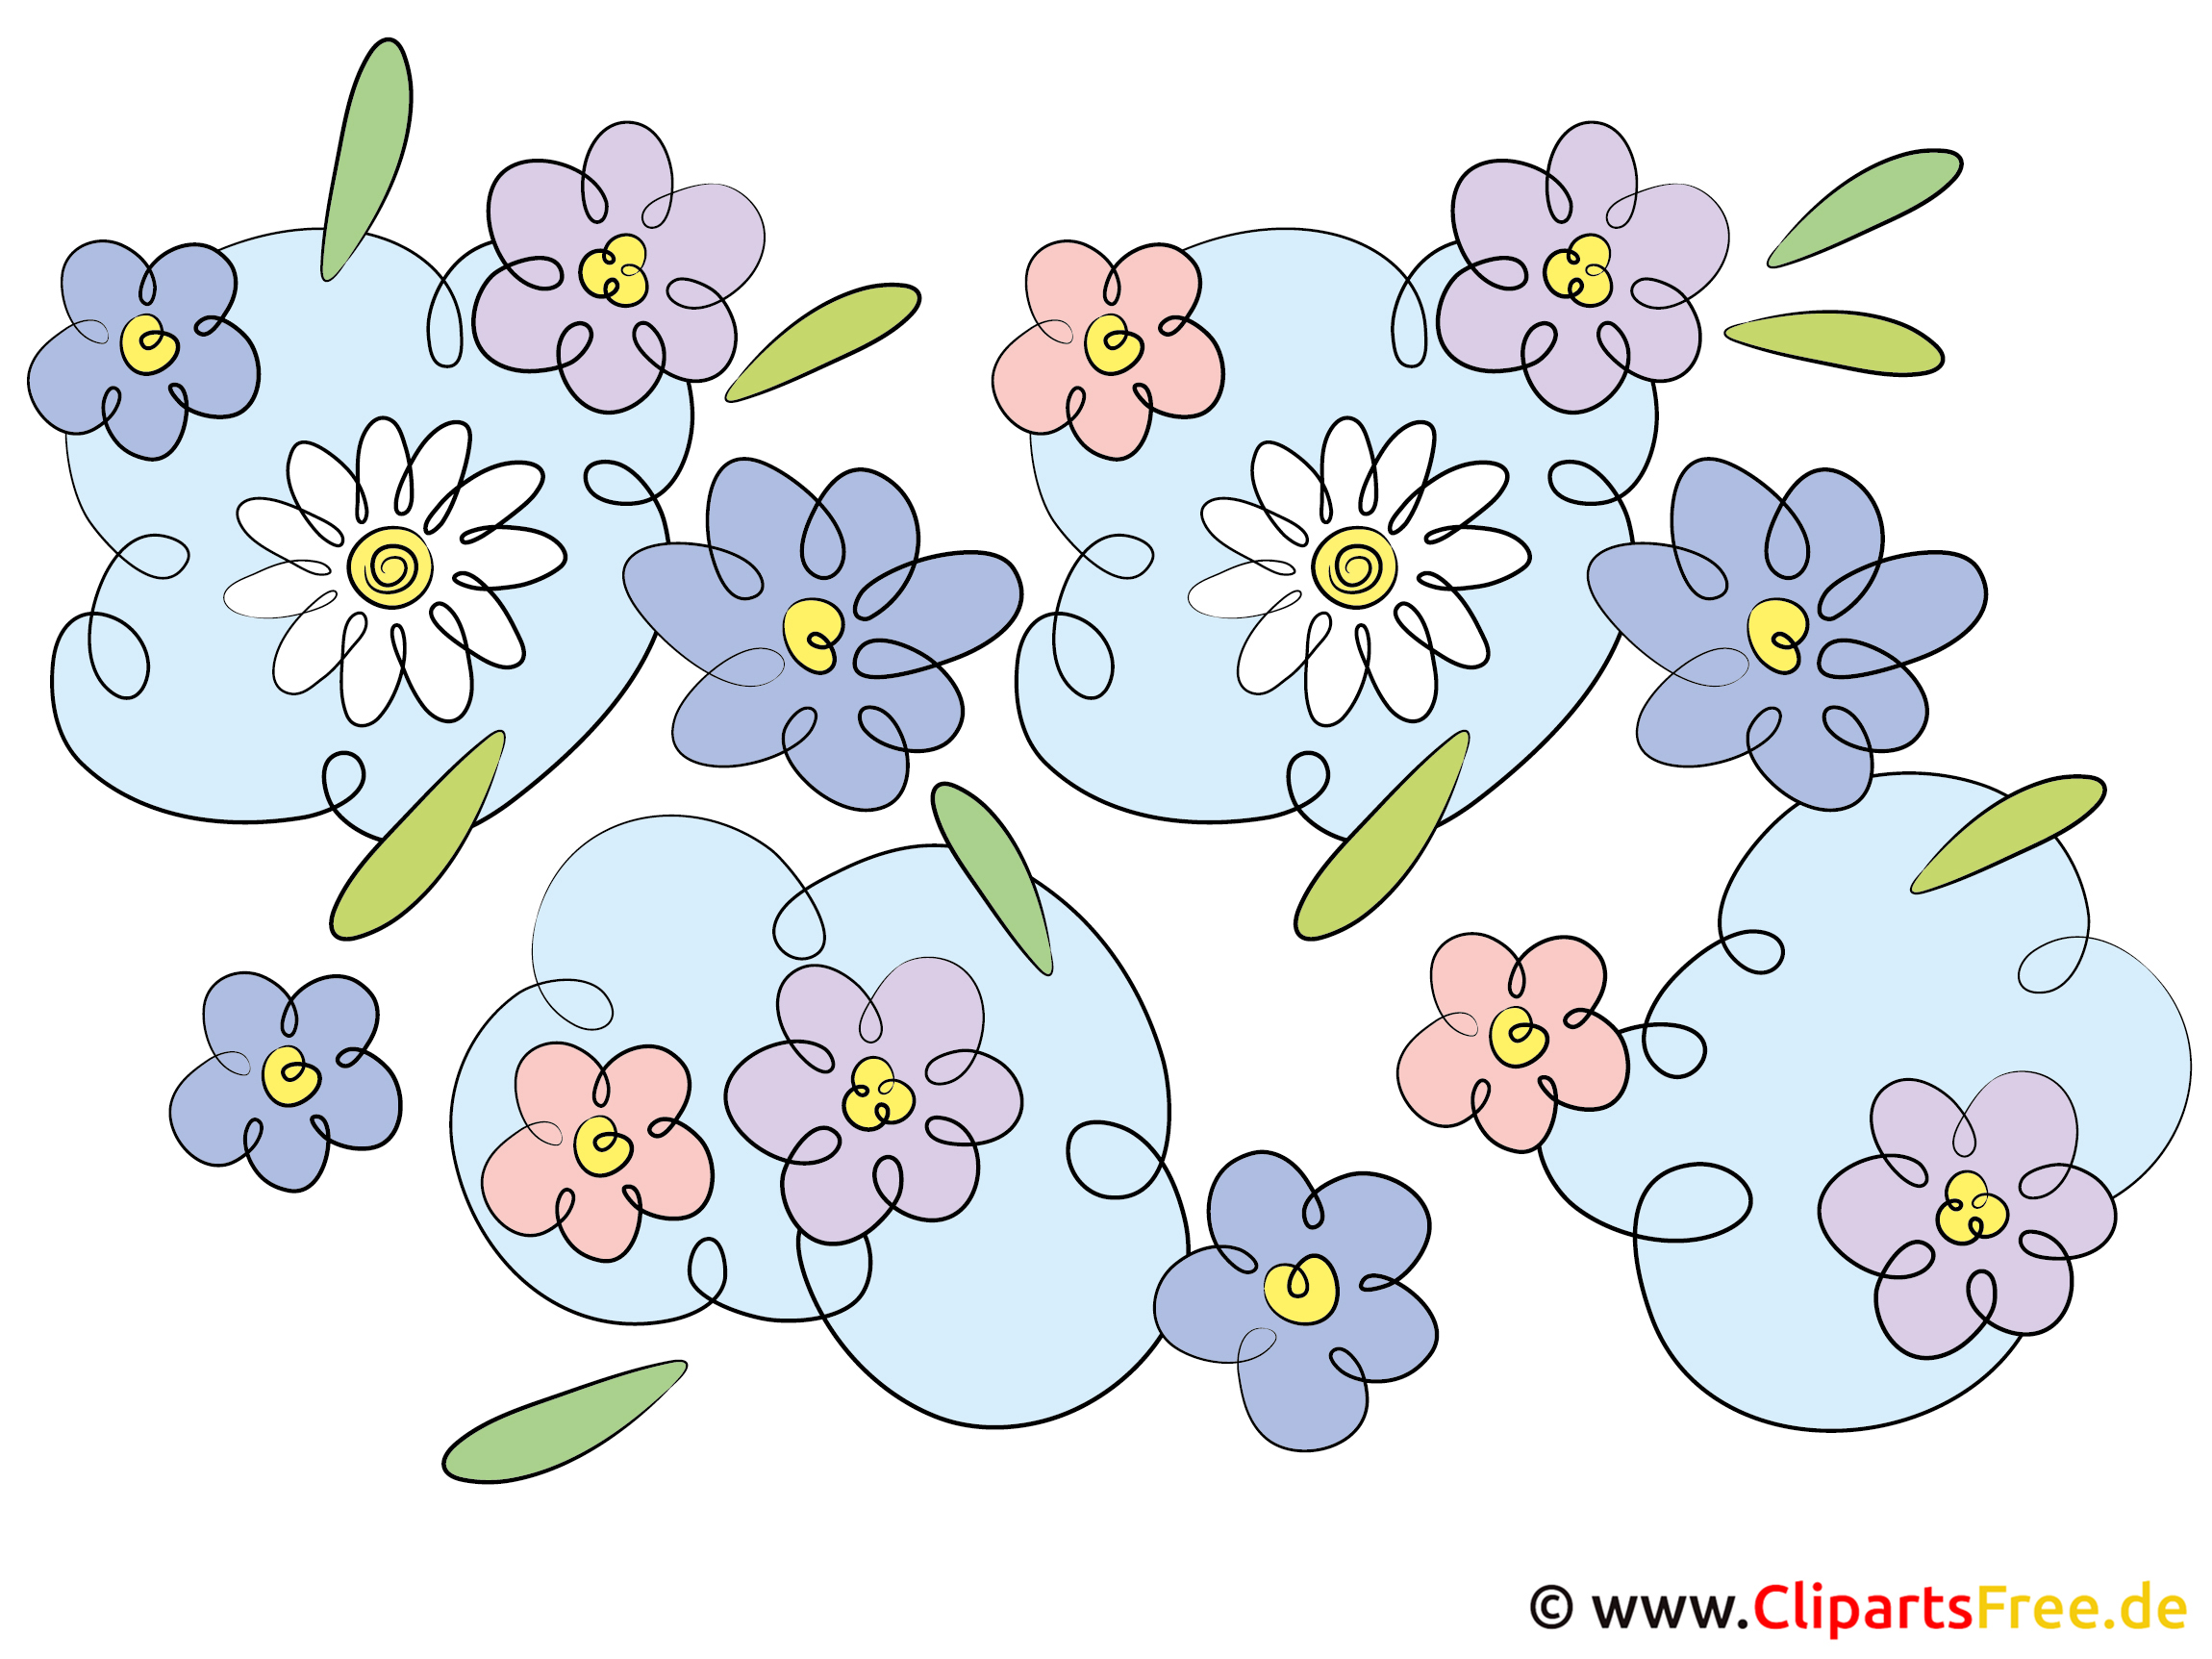 Clipart Sammlung kostenlos mit Blumen